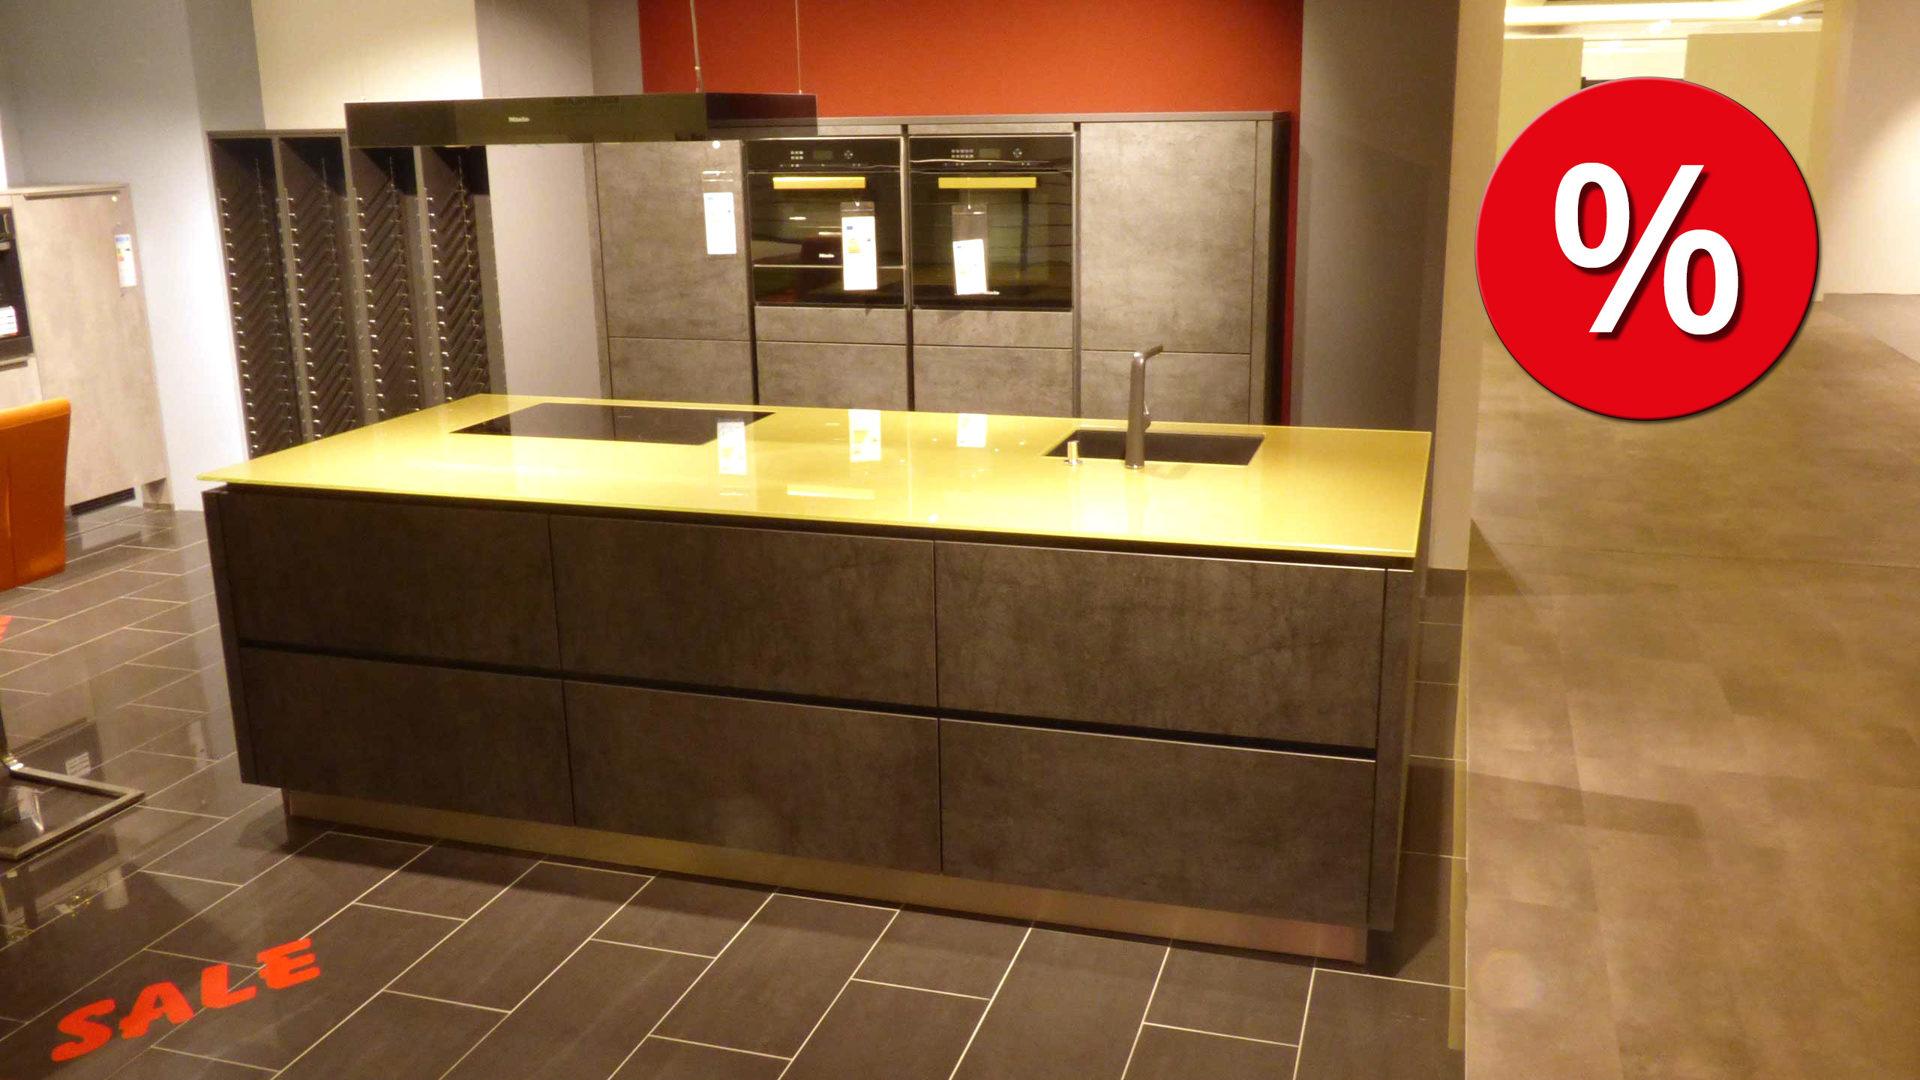 Alno küchen arbeitsplatten  Edle Alno Küche Einbauküche Cera mit Keramik-Front und Miele E ...